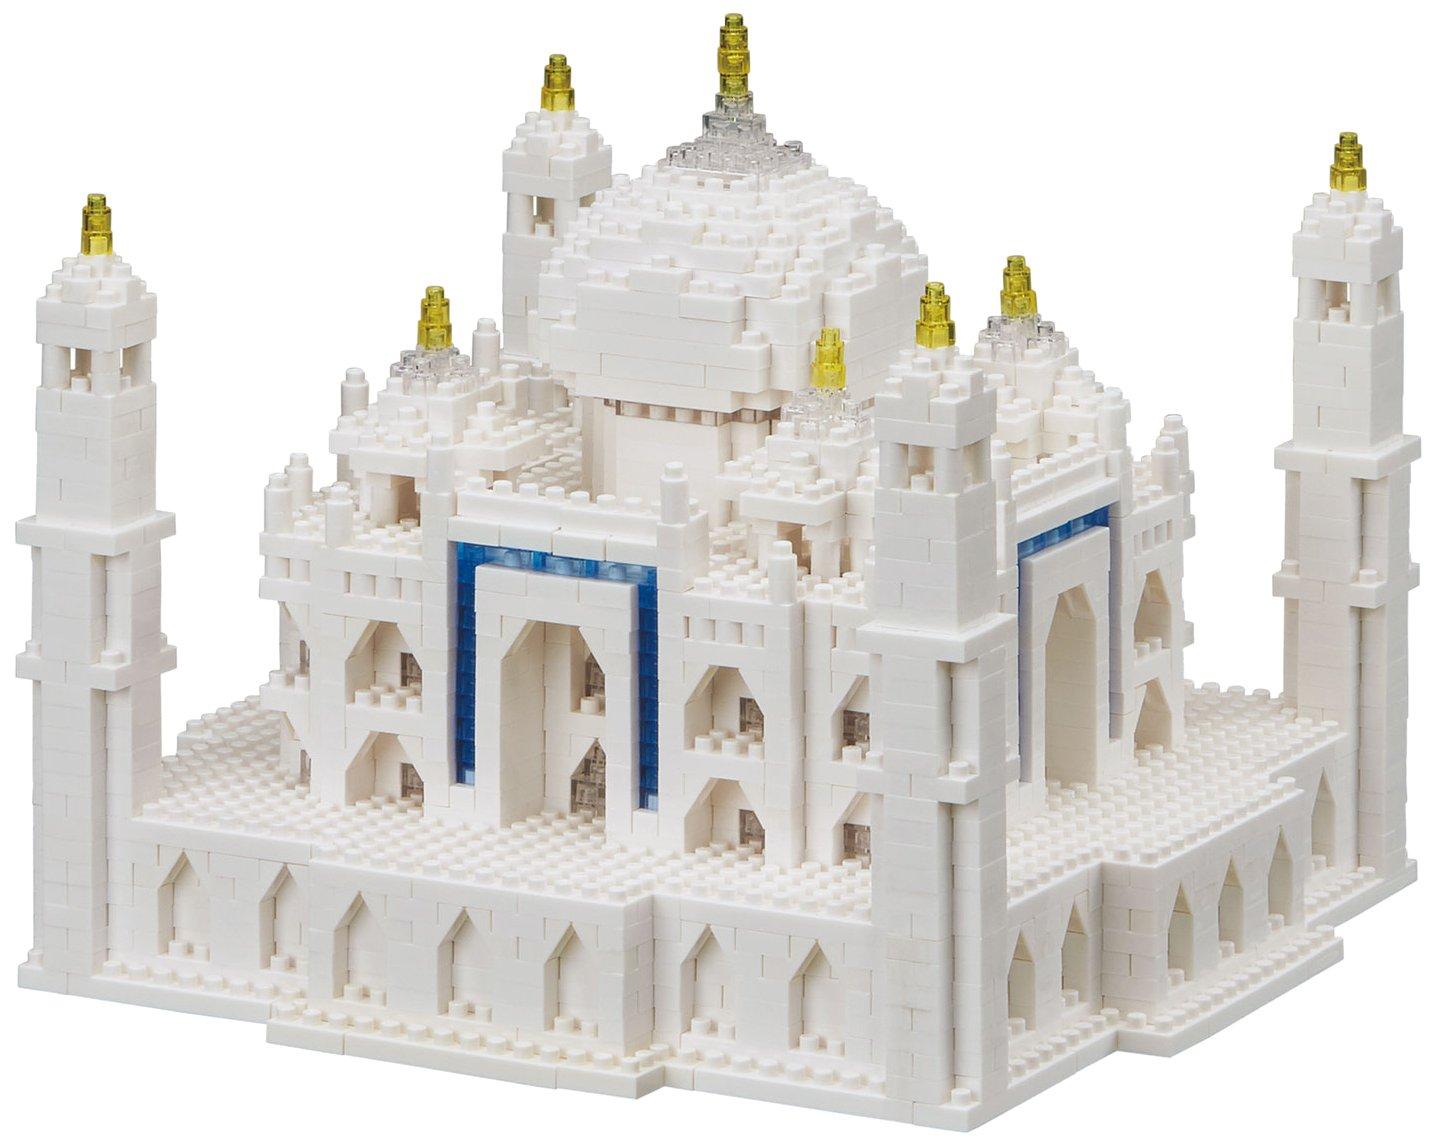 Unbekannt Nanoblock-nanoblock-NB-032-Advanced Hobby Series Taj Mahal Deluxe Edition Spielzeug, NB-032, Mehrfarbig B071ZL18H9 Brainteaser Glücklicher Startpunkt | Qualität